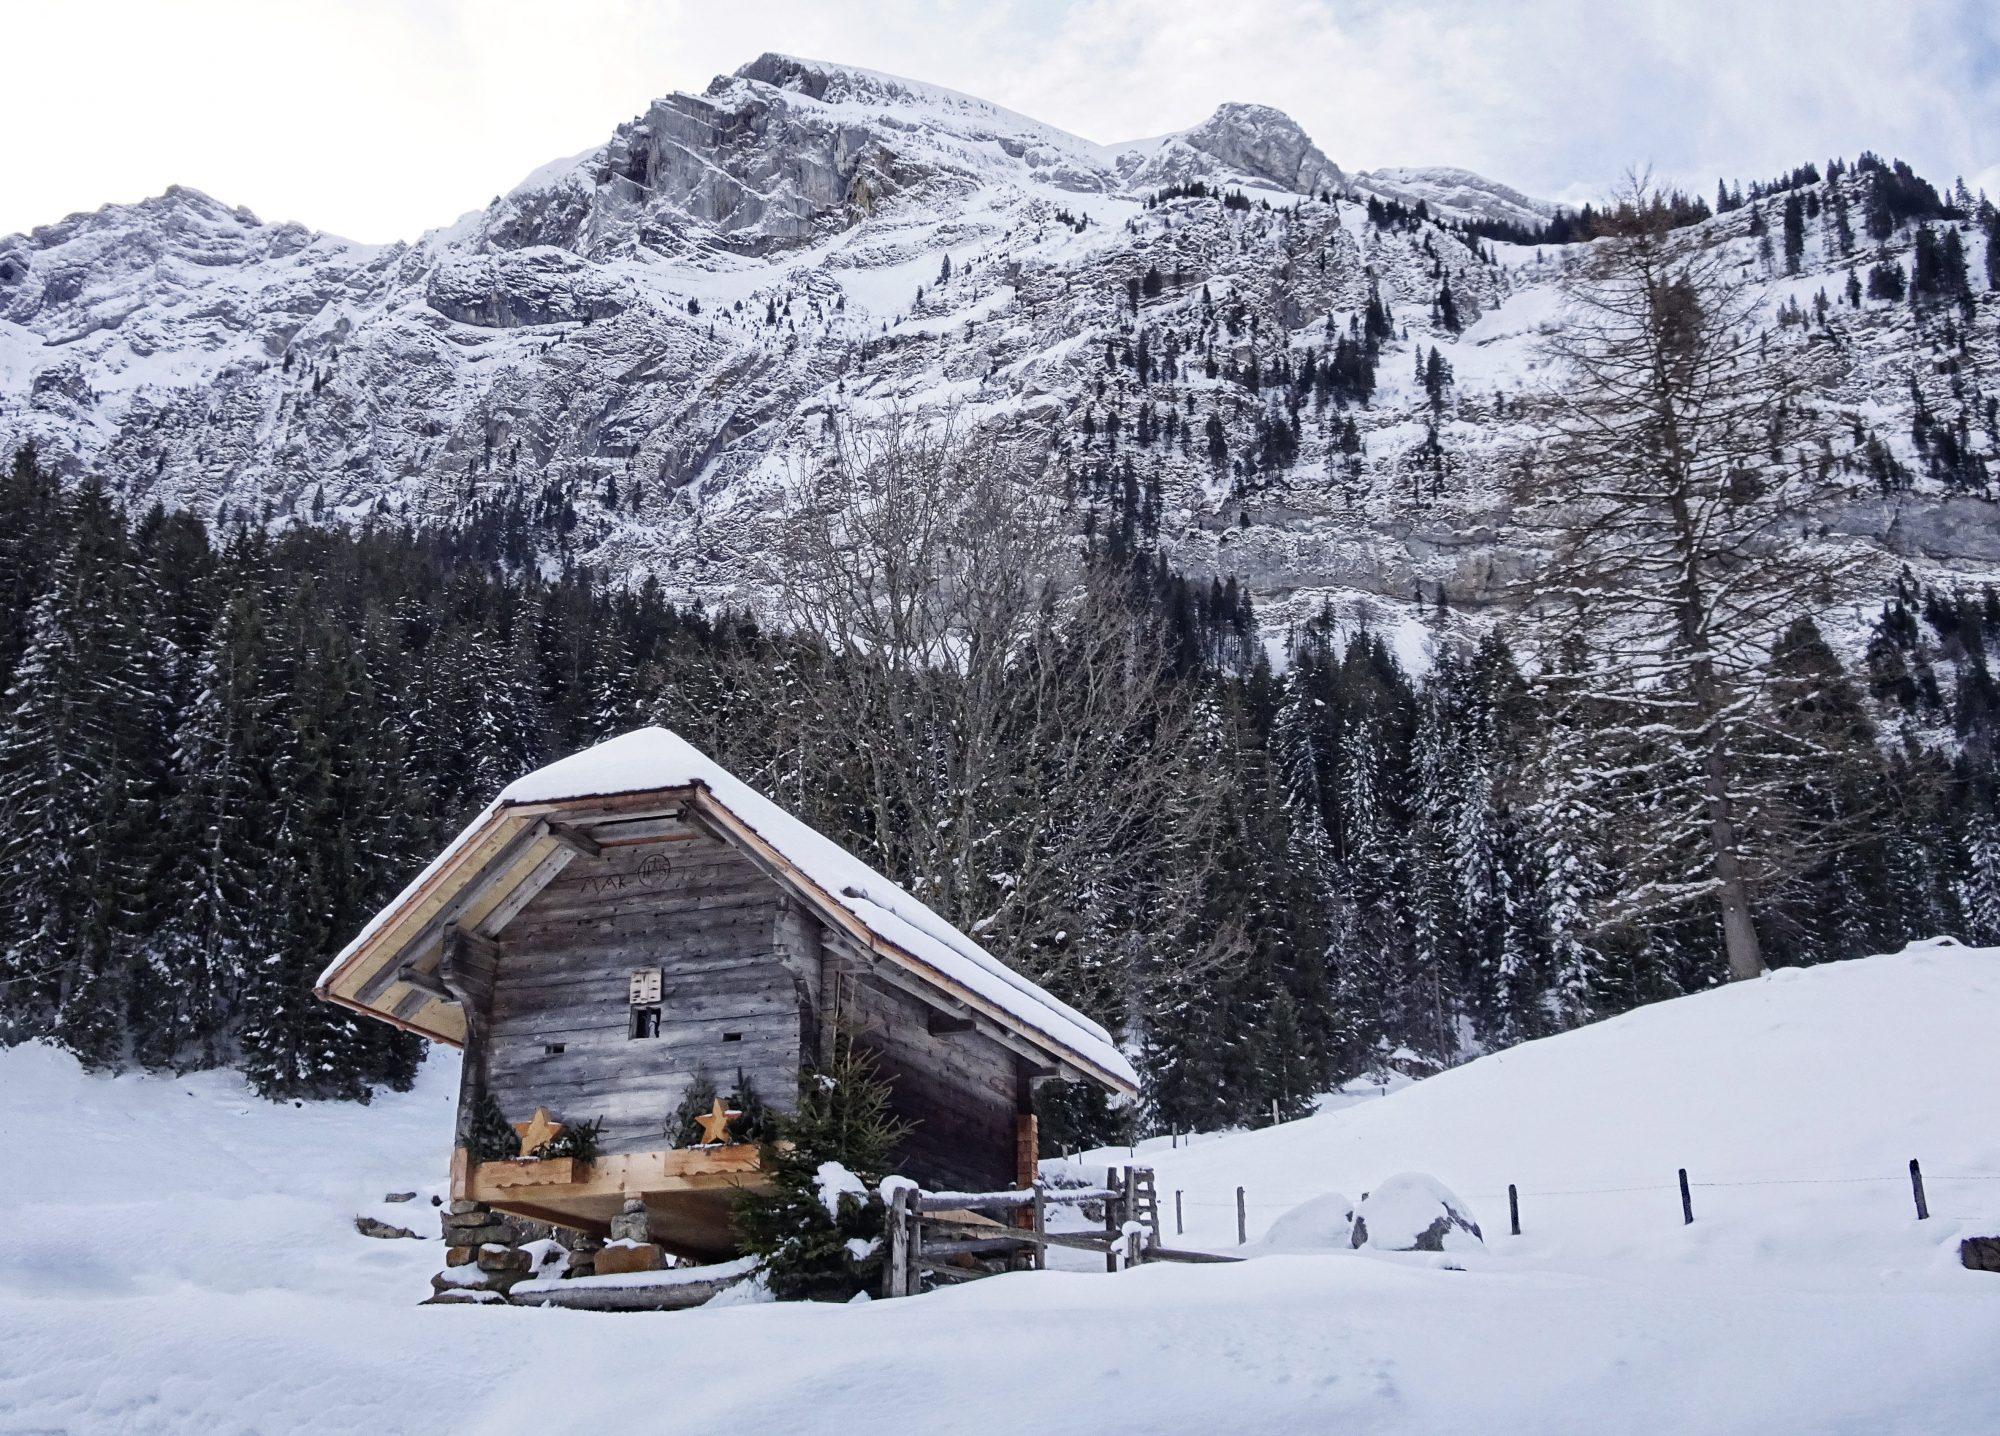 Schweiz, Luzern, Eigenthal, Winterwanderung Pilatus, Schneeschuhwandern